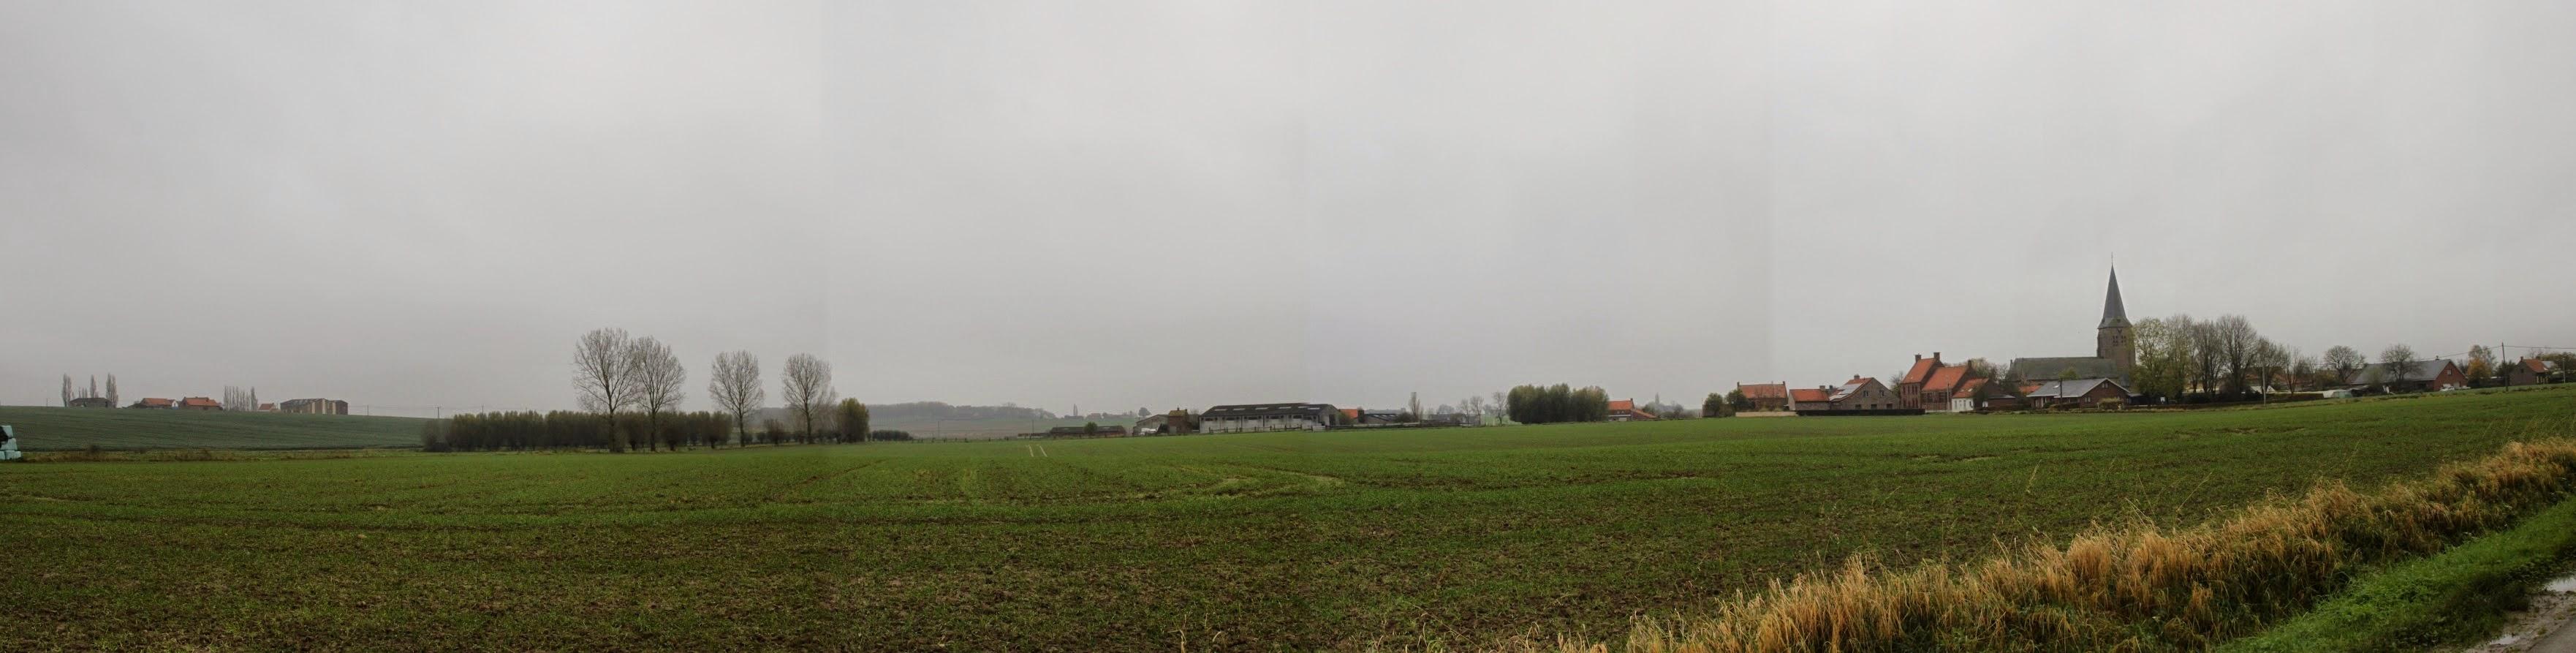 Photo: Wulvergem is het kleinste dorp van de gemeente Heuvelland. Het telt 350 ha en, als ze allemaal thuis zijn huizen er 250 inwoners.